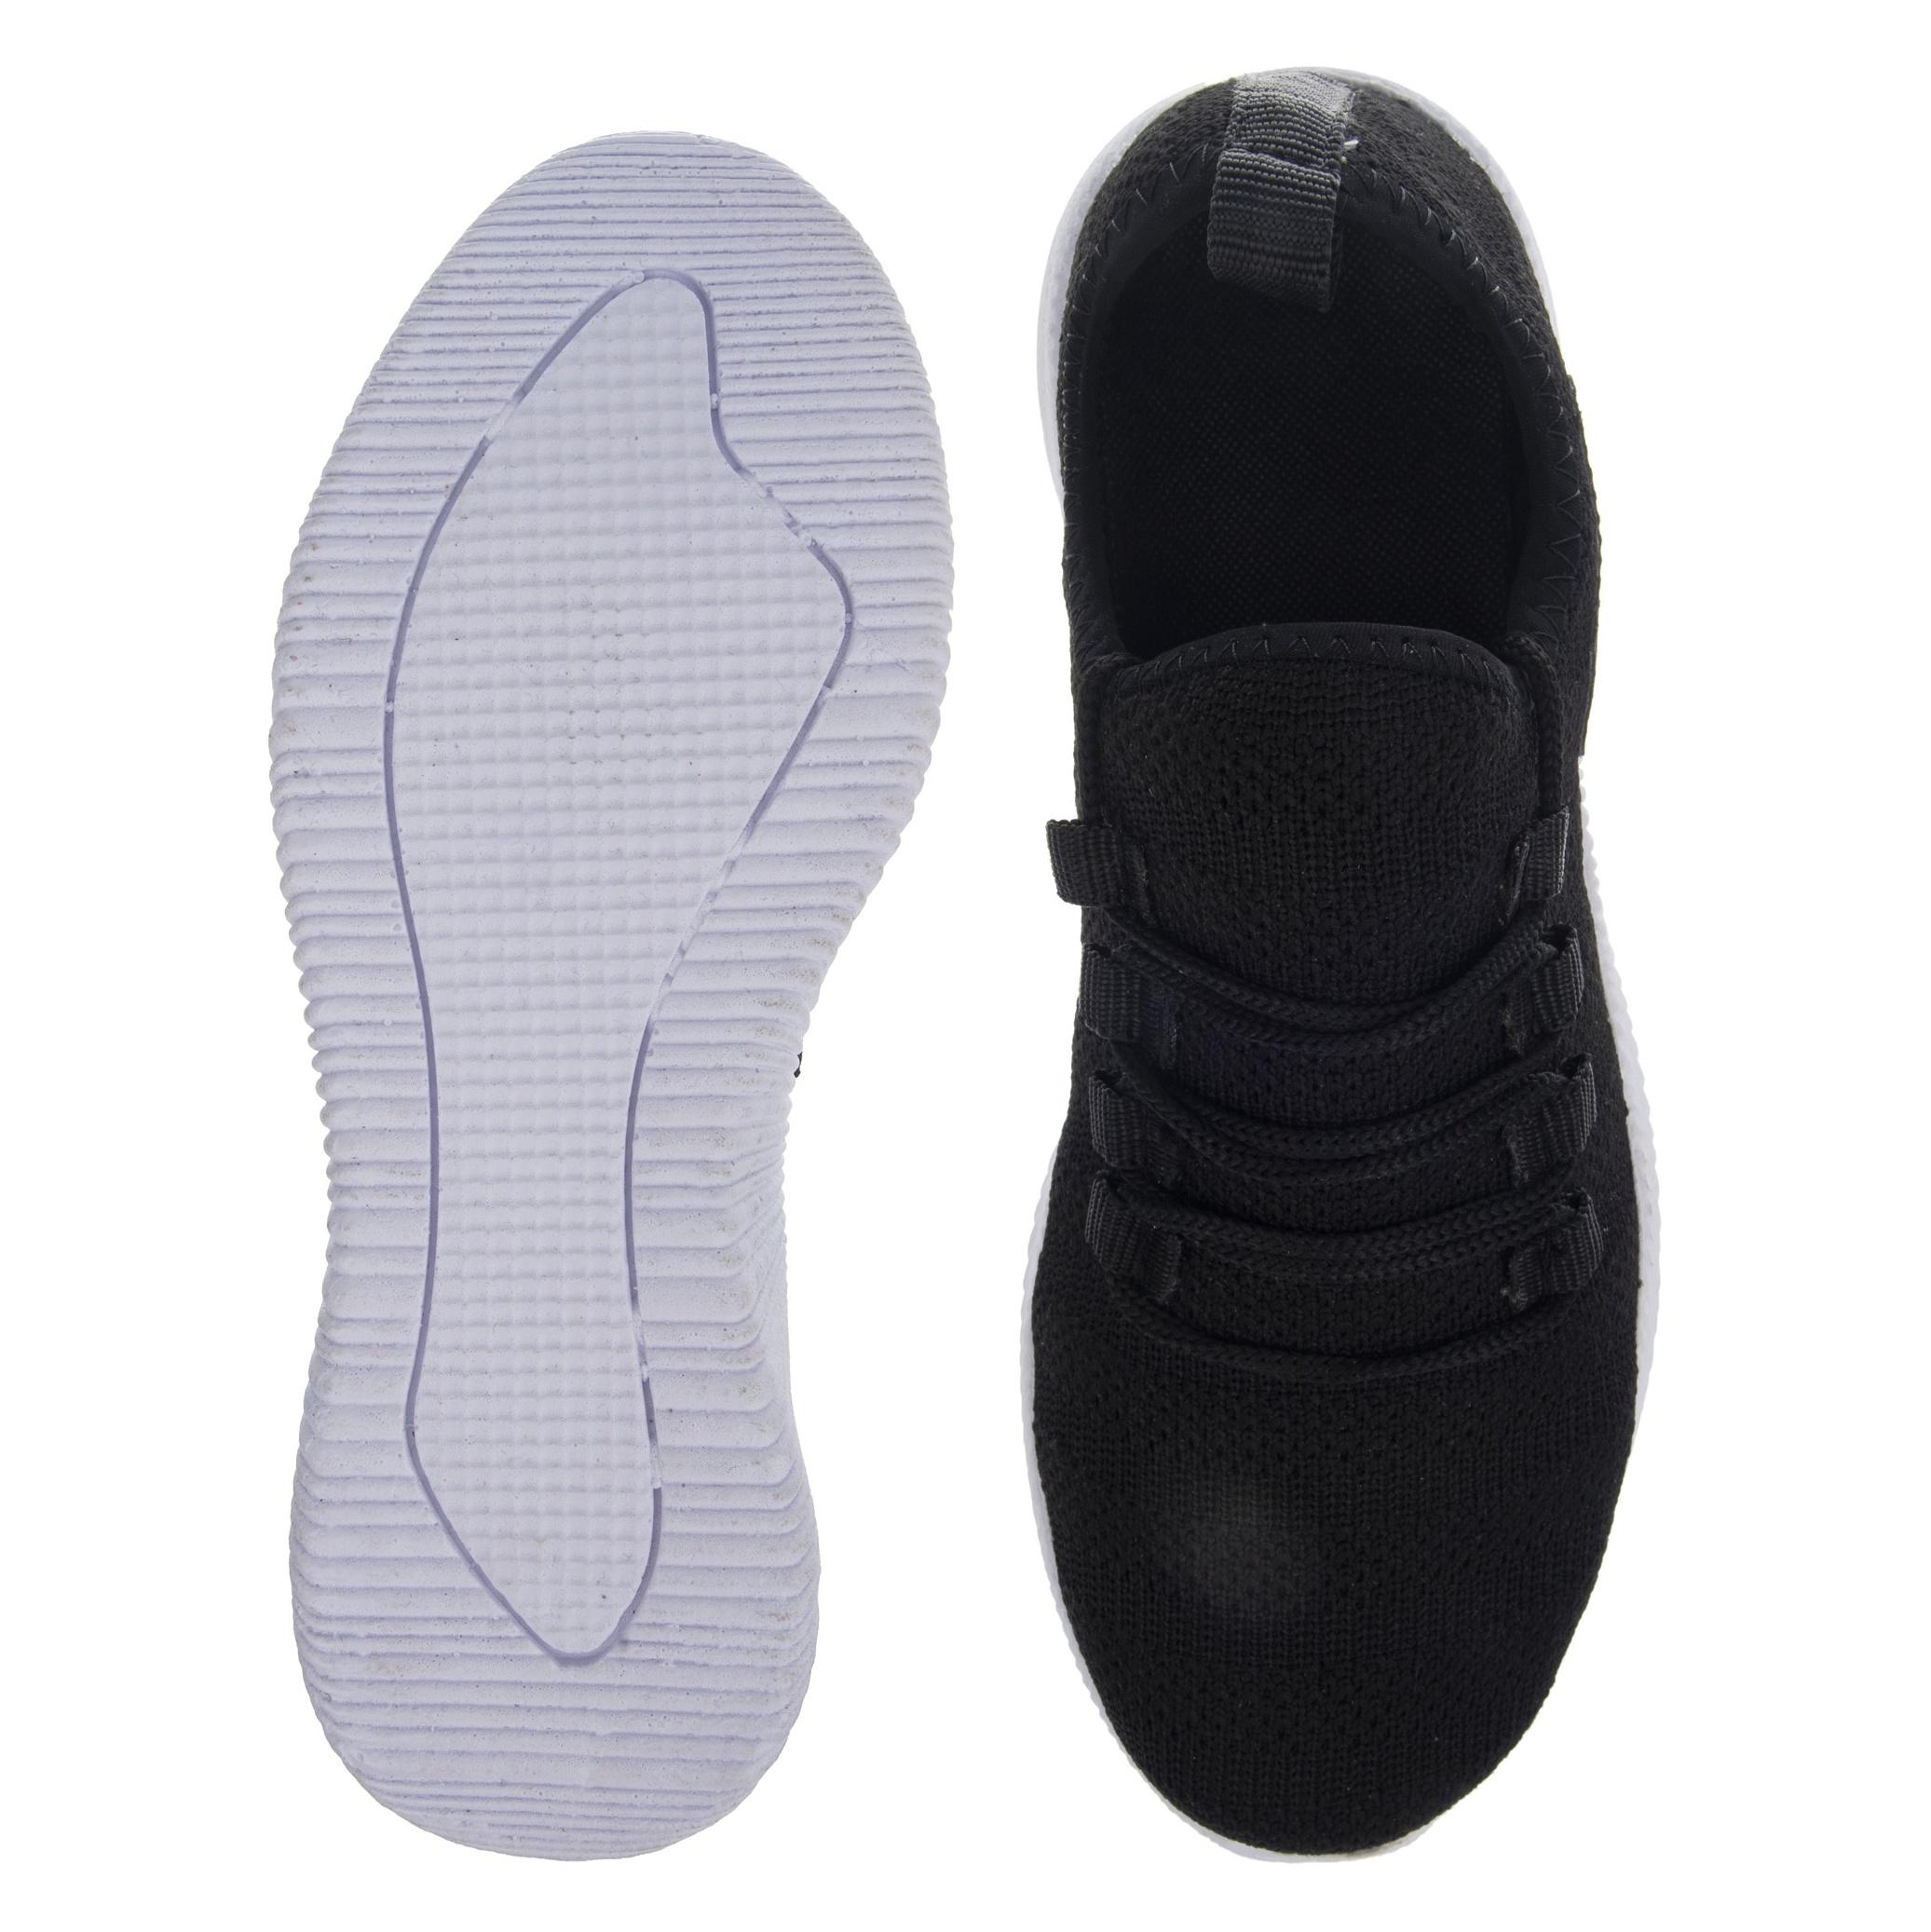 کفش ورزشی مردانه اسپرت من مدل 39613-1